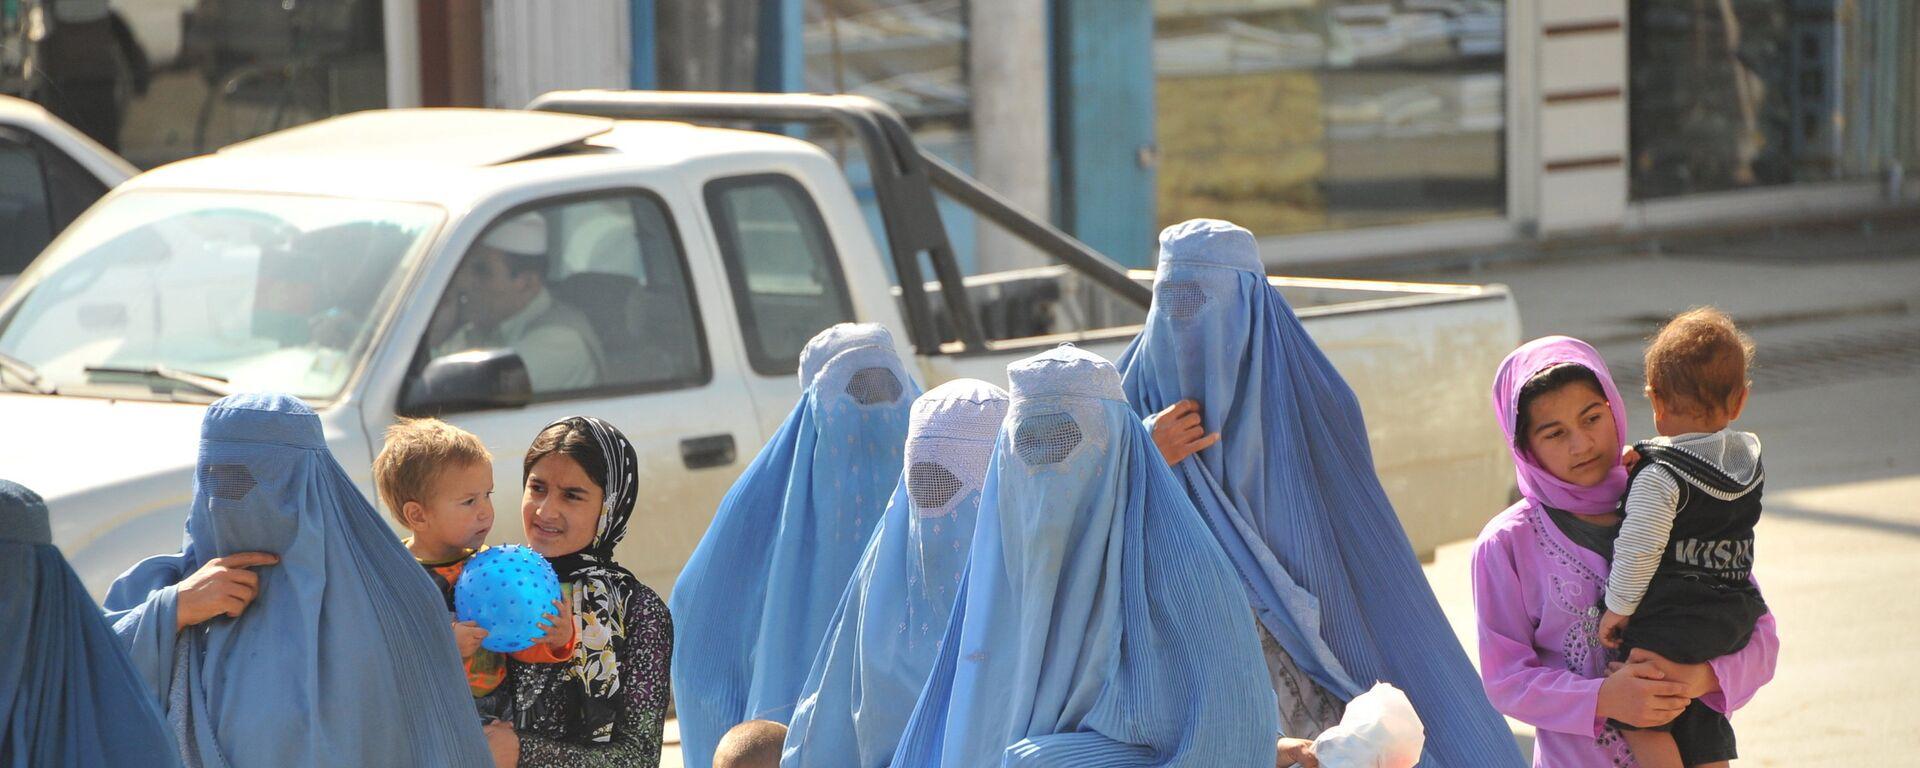 Афганские женщины, архивное фото - Sputnik Таджикистан, 1920, 02.07.2021